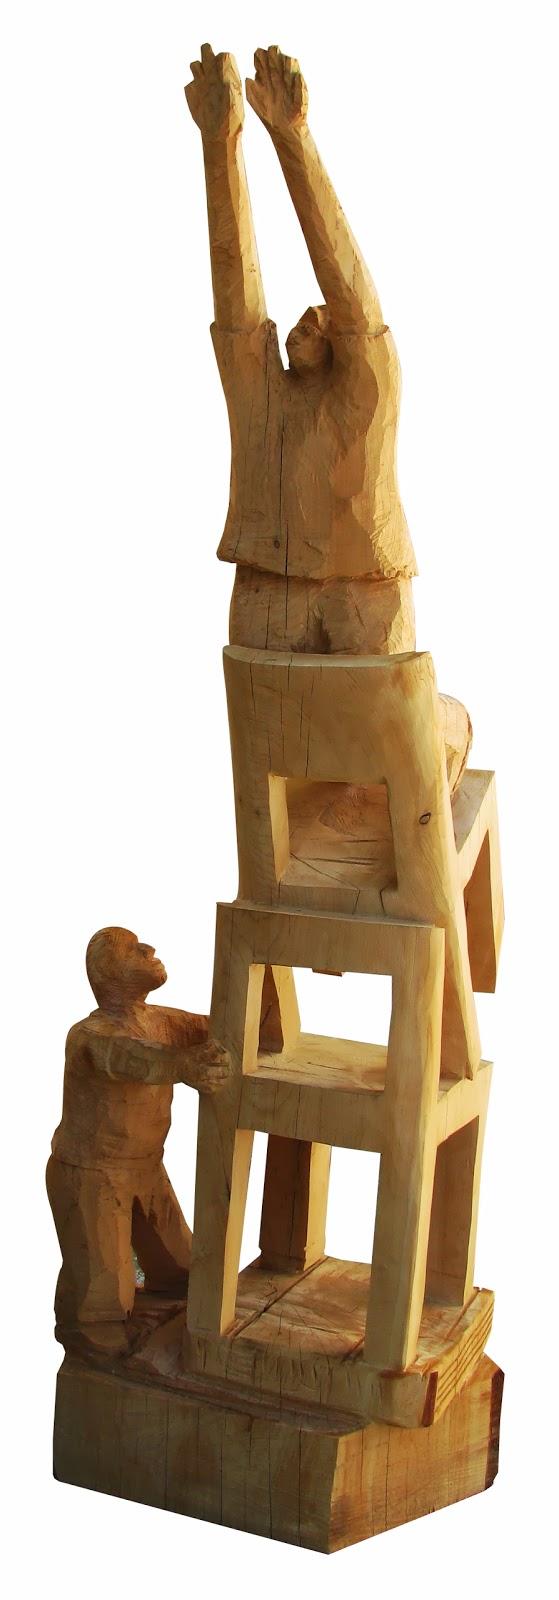 symposium de sculpture la tron onneuse foussais payr 85 les sculpteurs de l 39 dition 2013. Black Bedroom Furniture Sets. Home Design Ideas